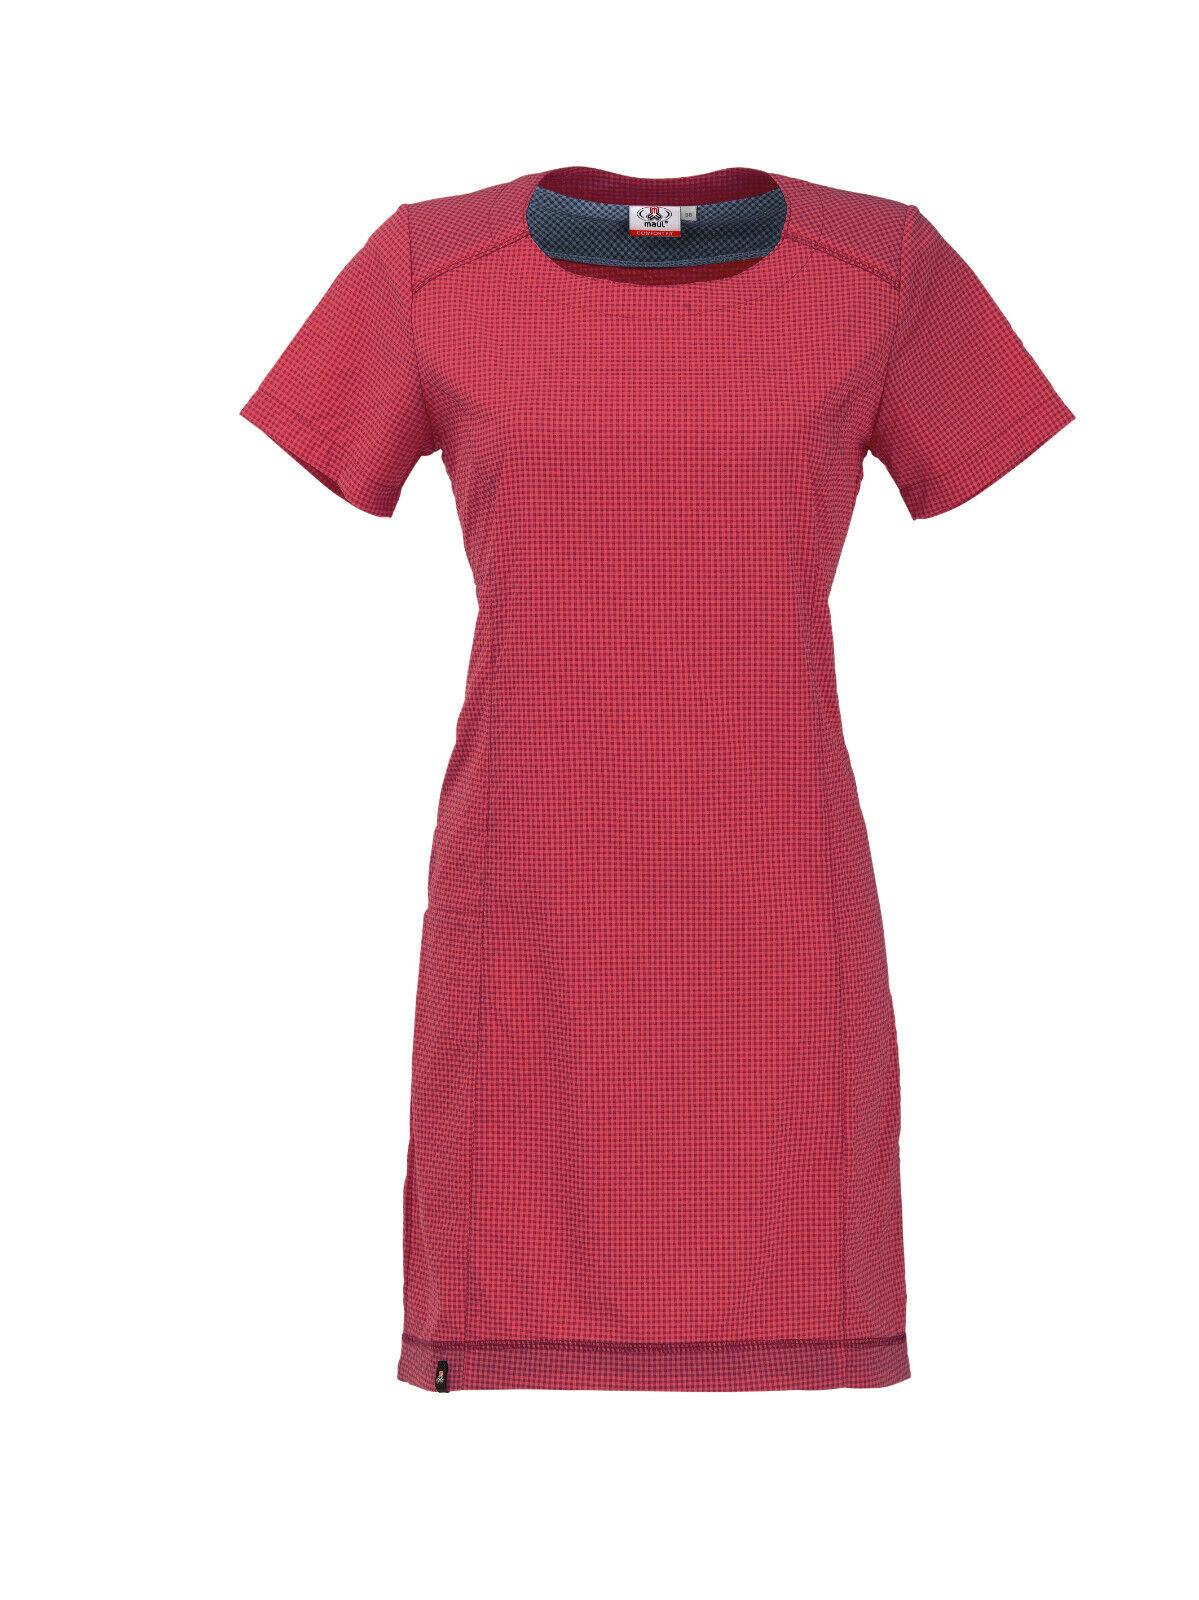 Maul Outdoorkleid Welschnofen teaberry oder schwarz/grau kariert Damenkleid